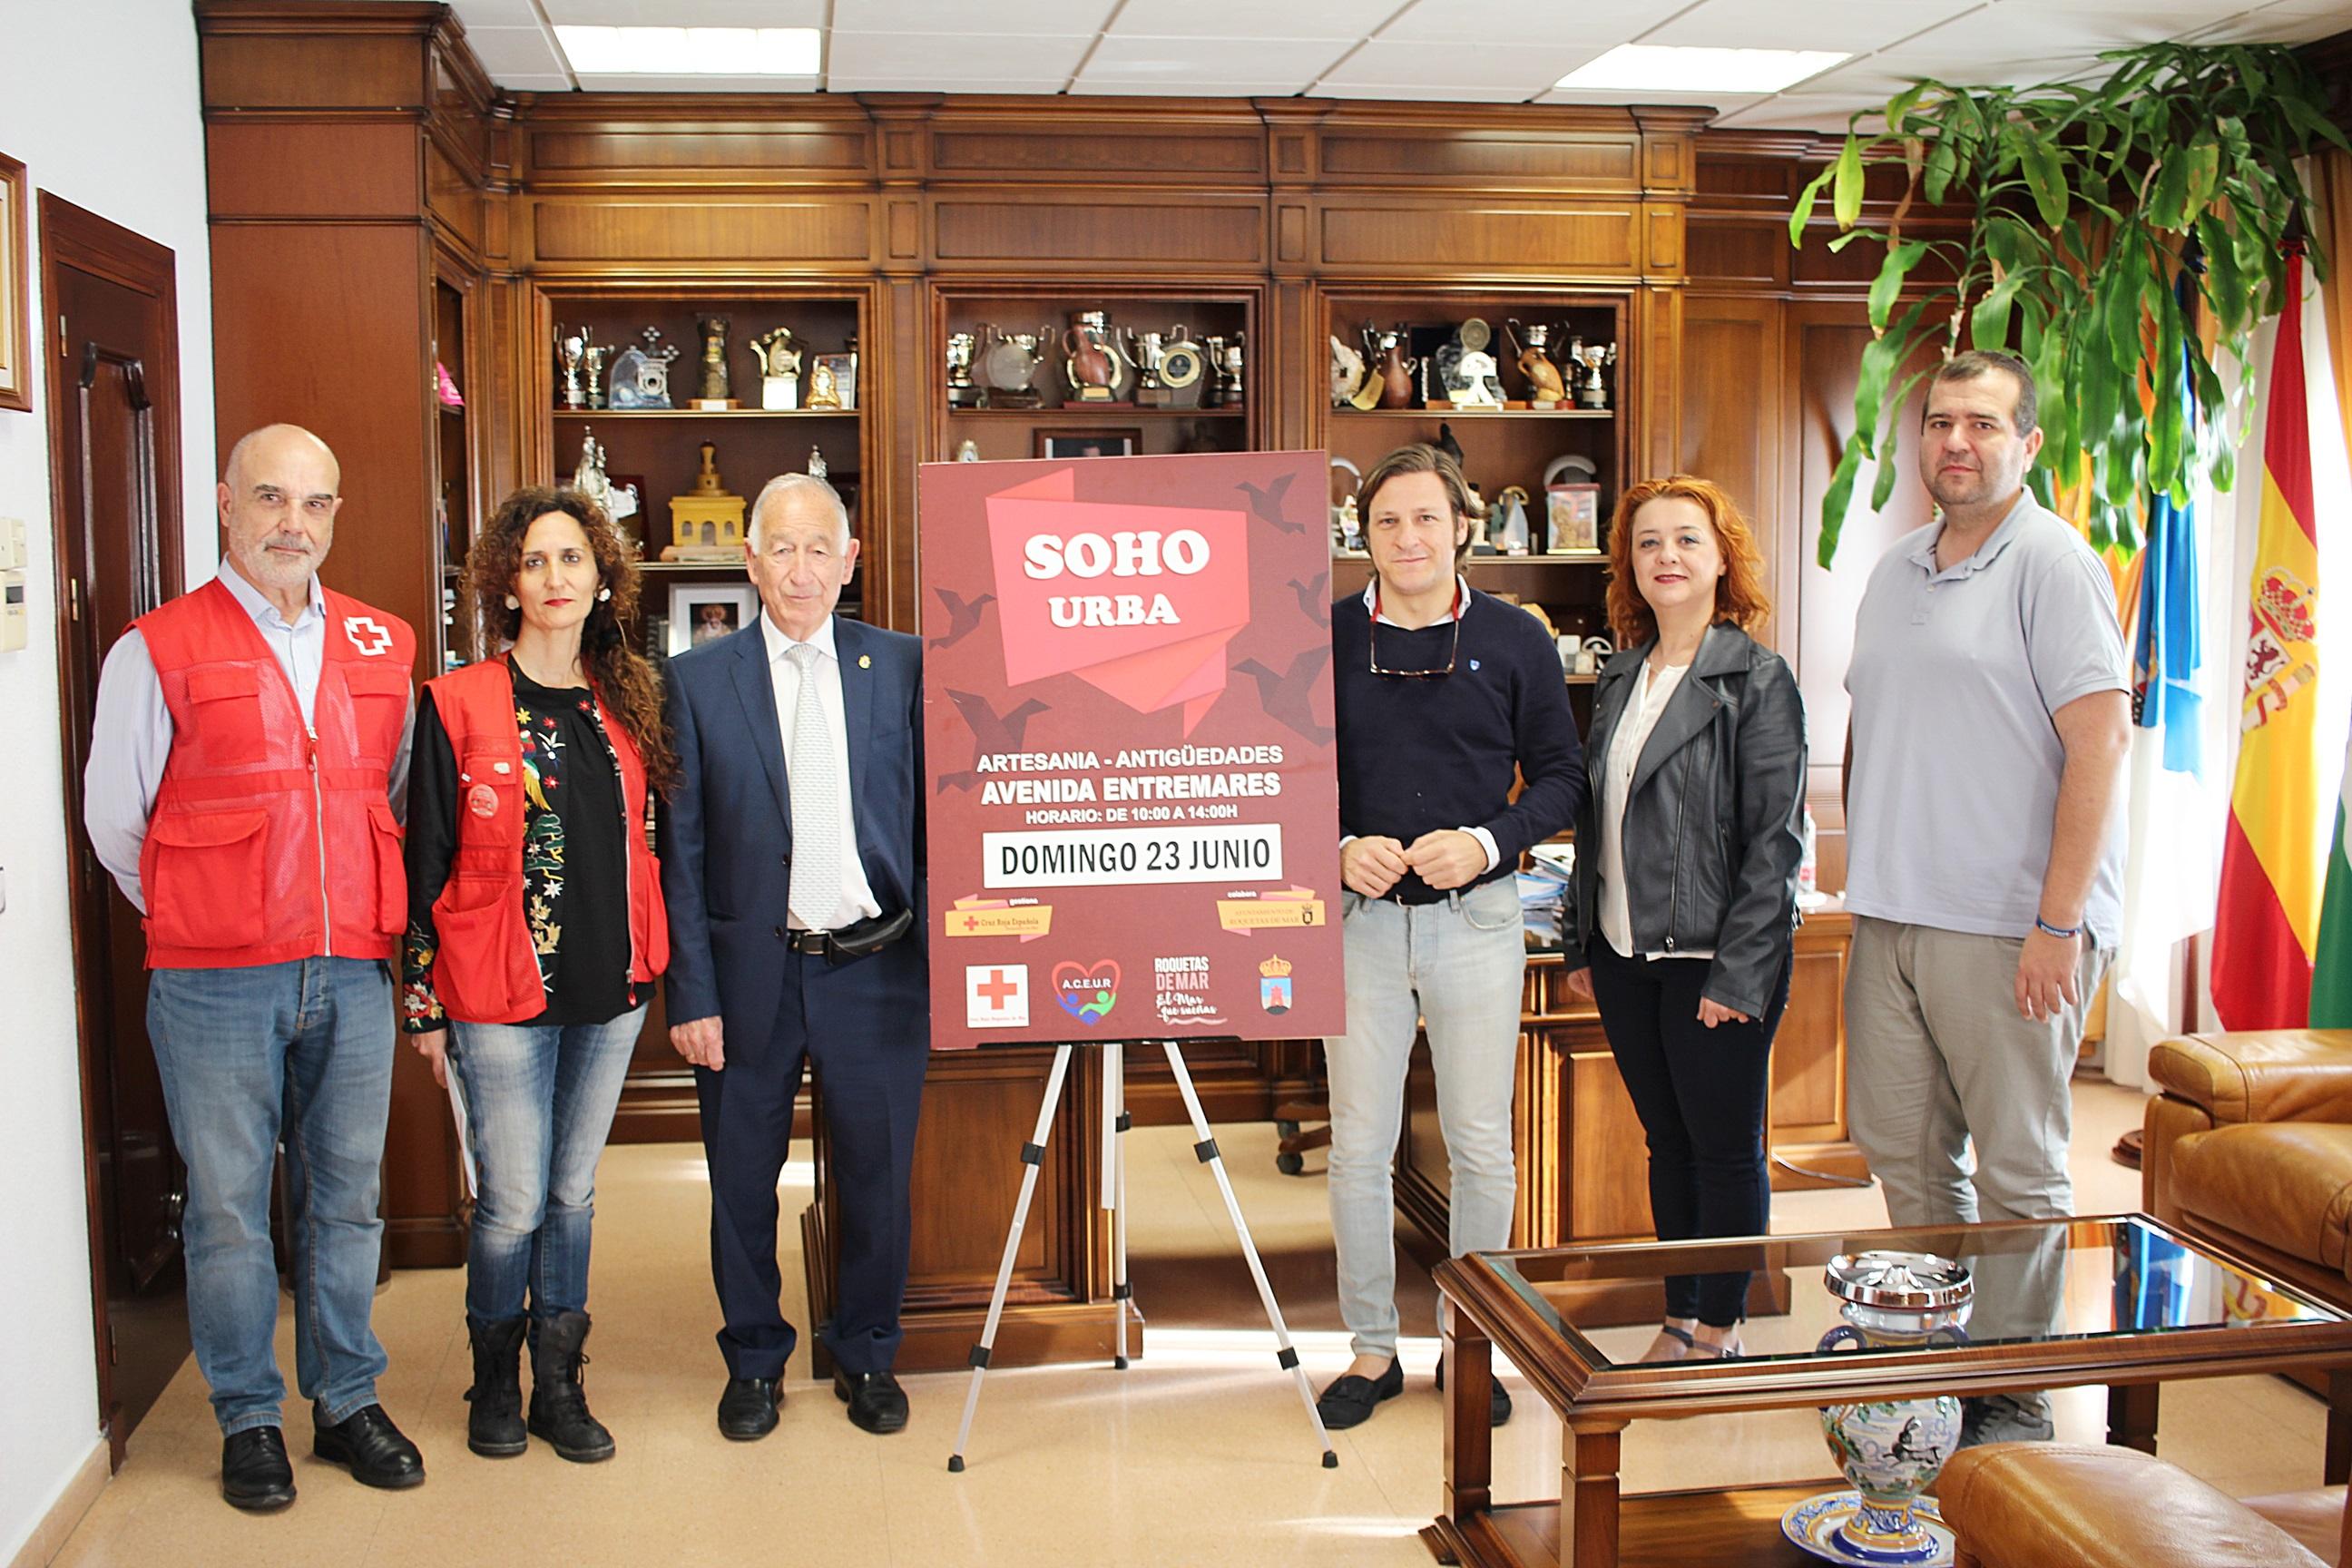 El mercadillo solidario de Artesanía y Antigüedades llega a la Urbanización